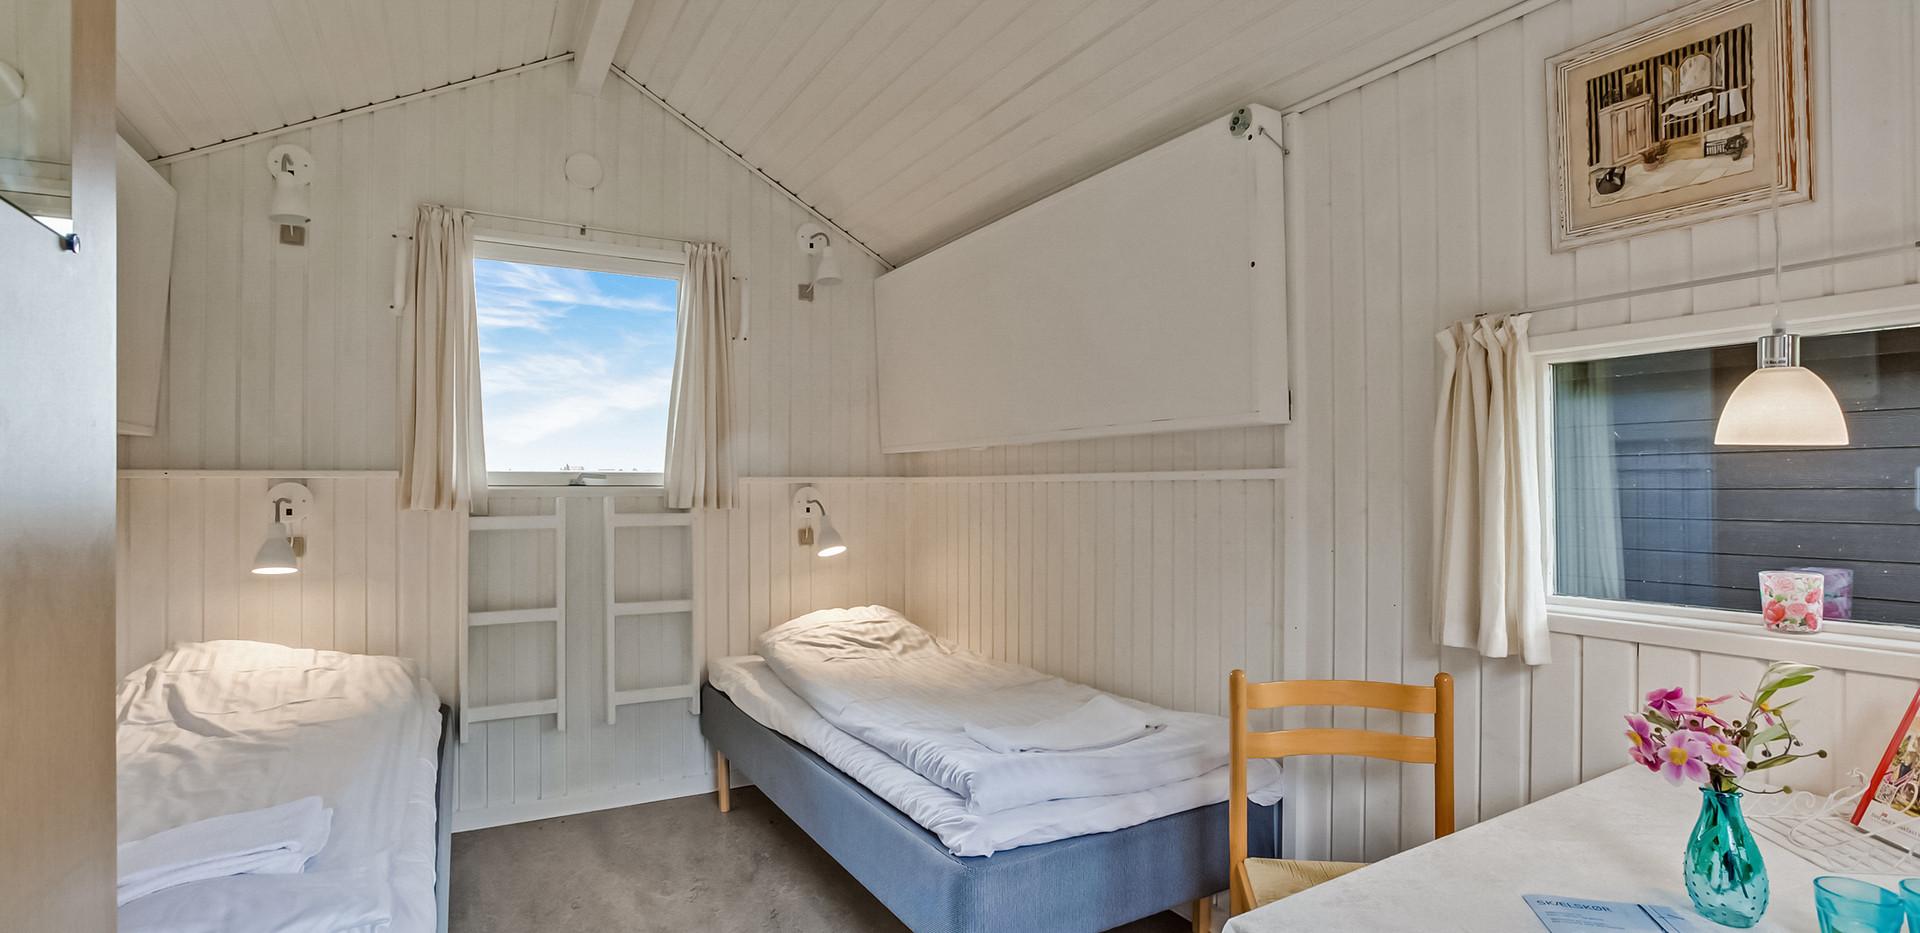 hytte 6 2 senge